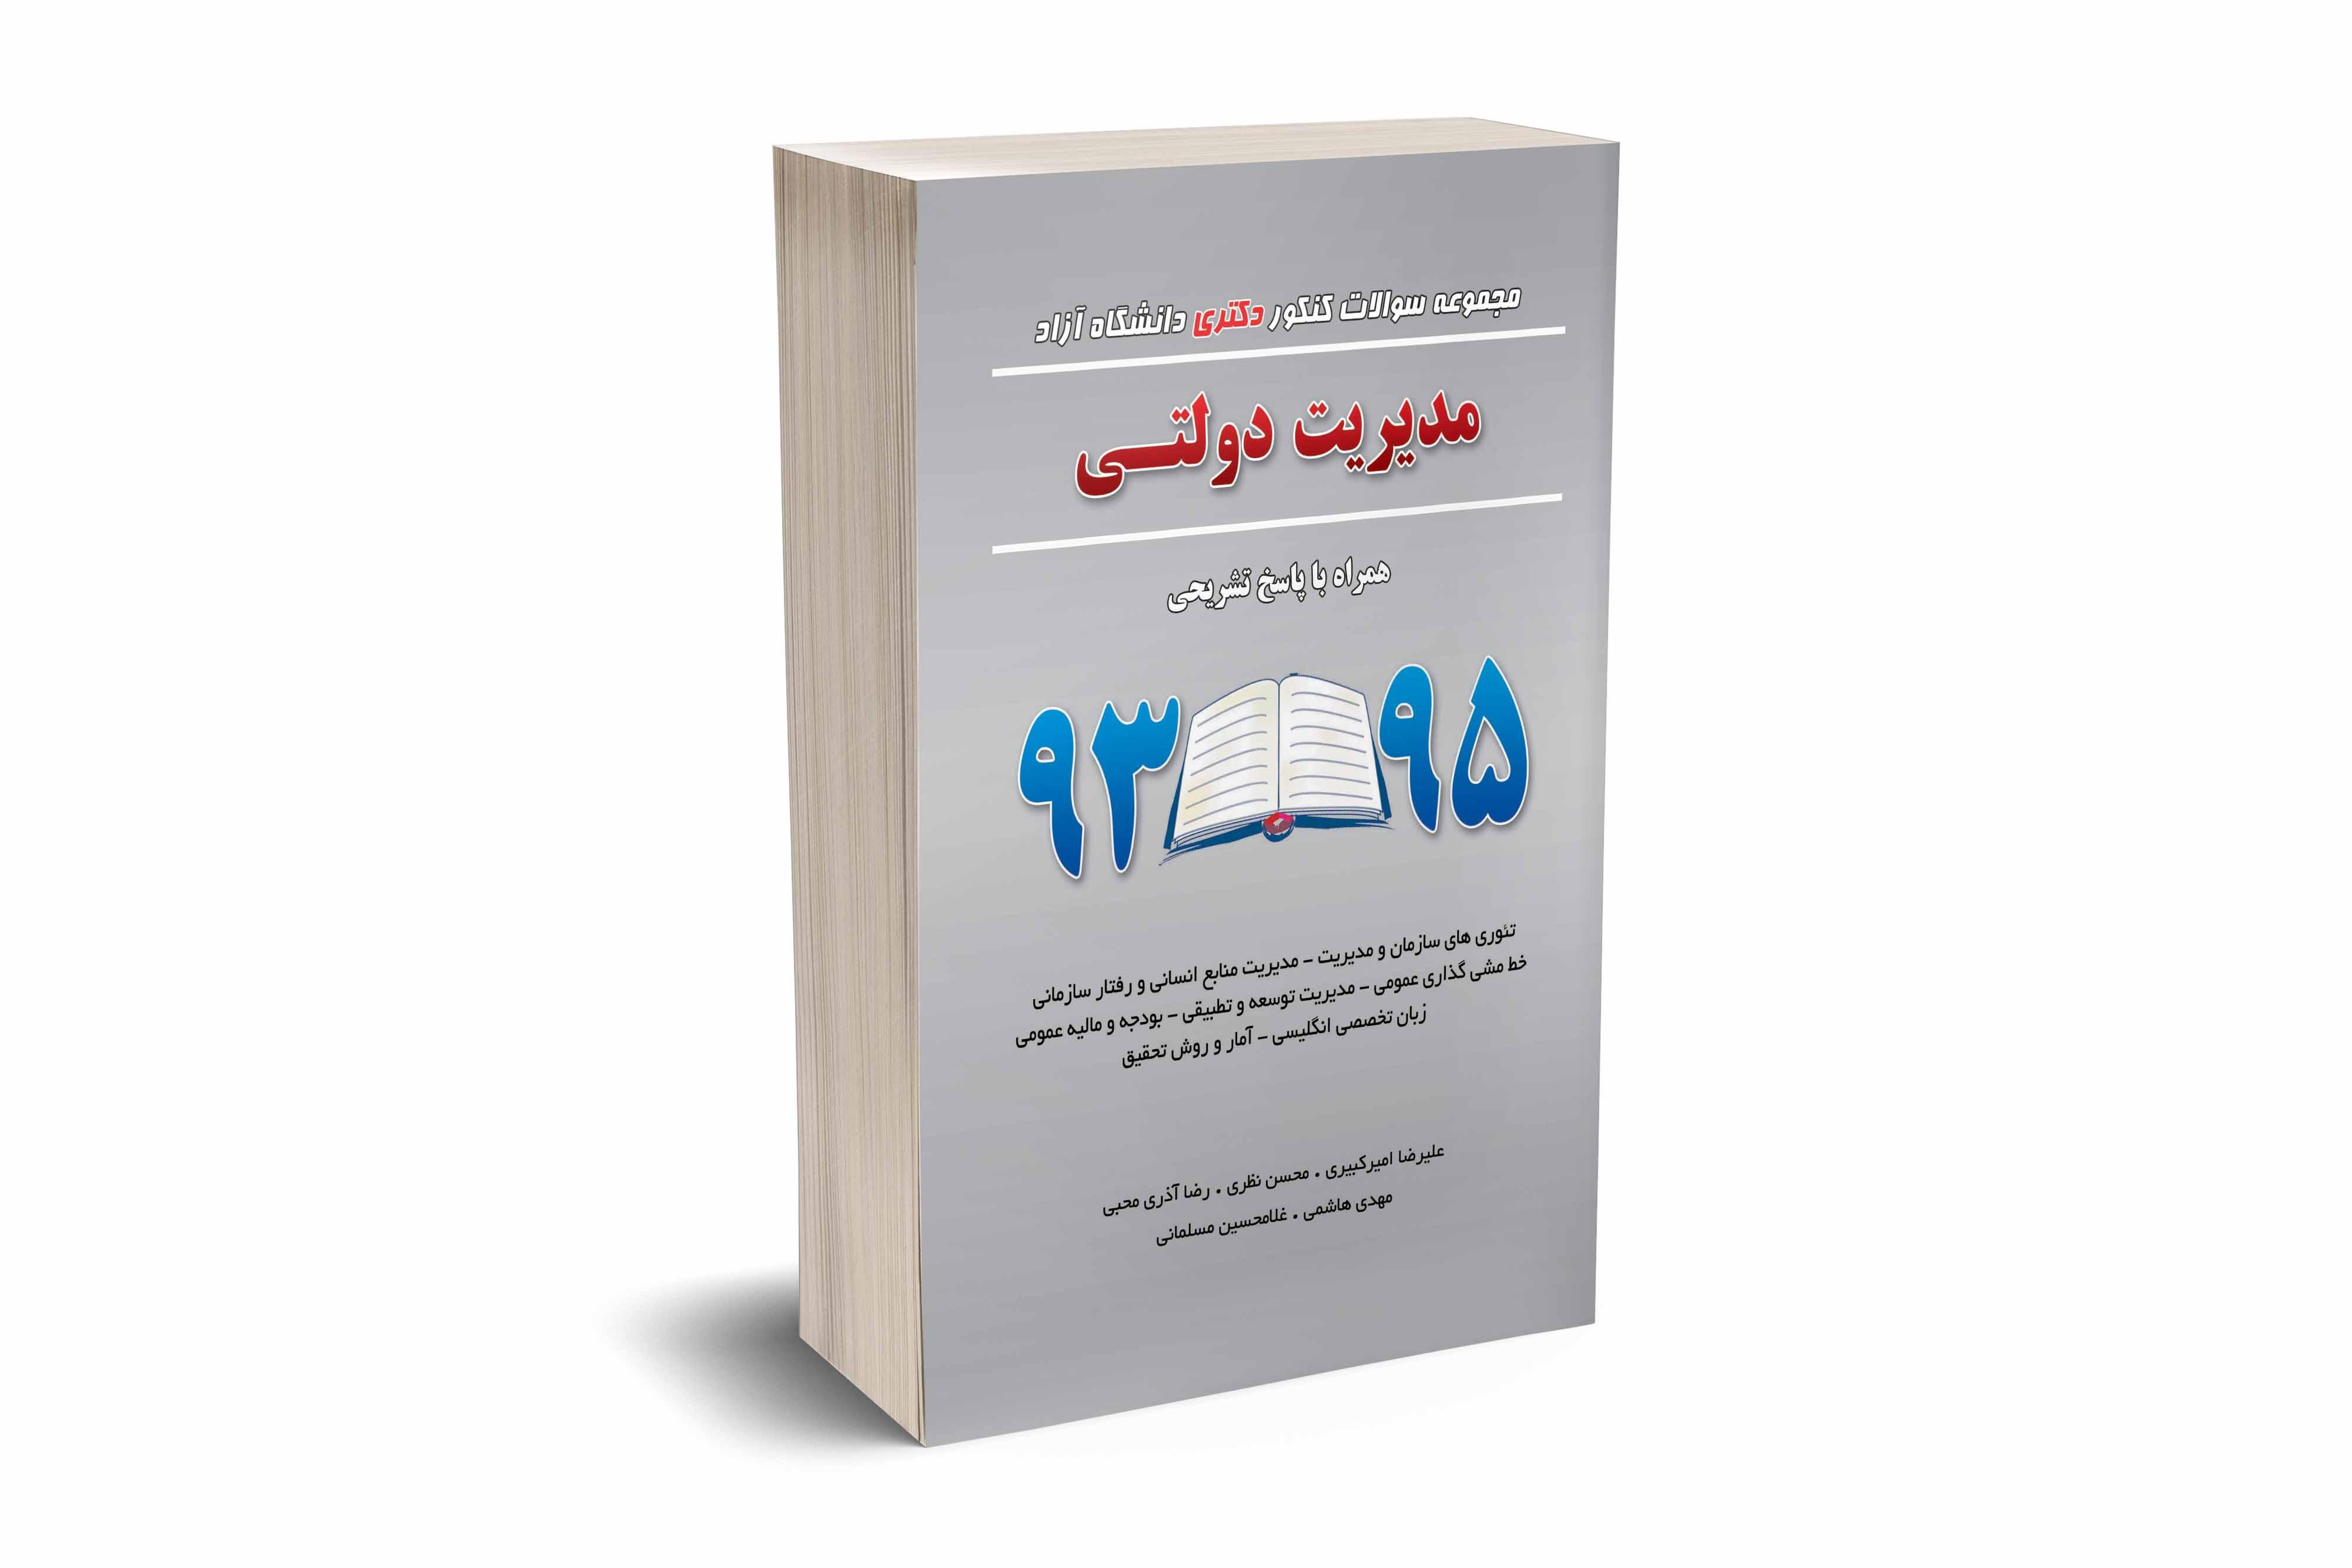 مجموعه سوالات کنکور دکتری دانشگاه آزاد مدیریت دولتی 93 تا 95